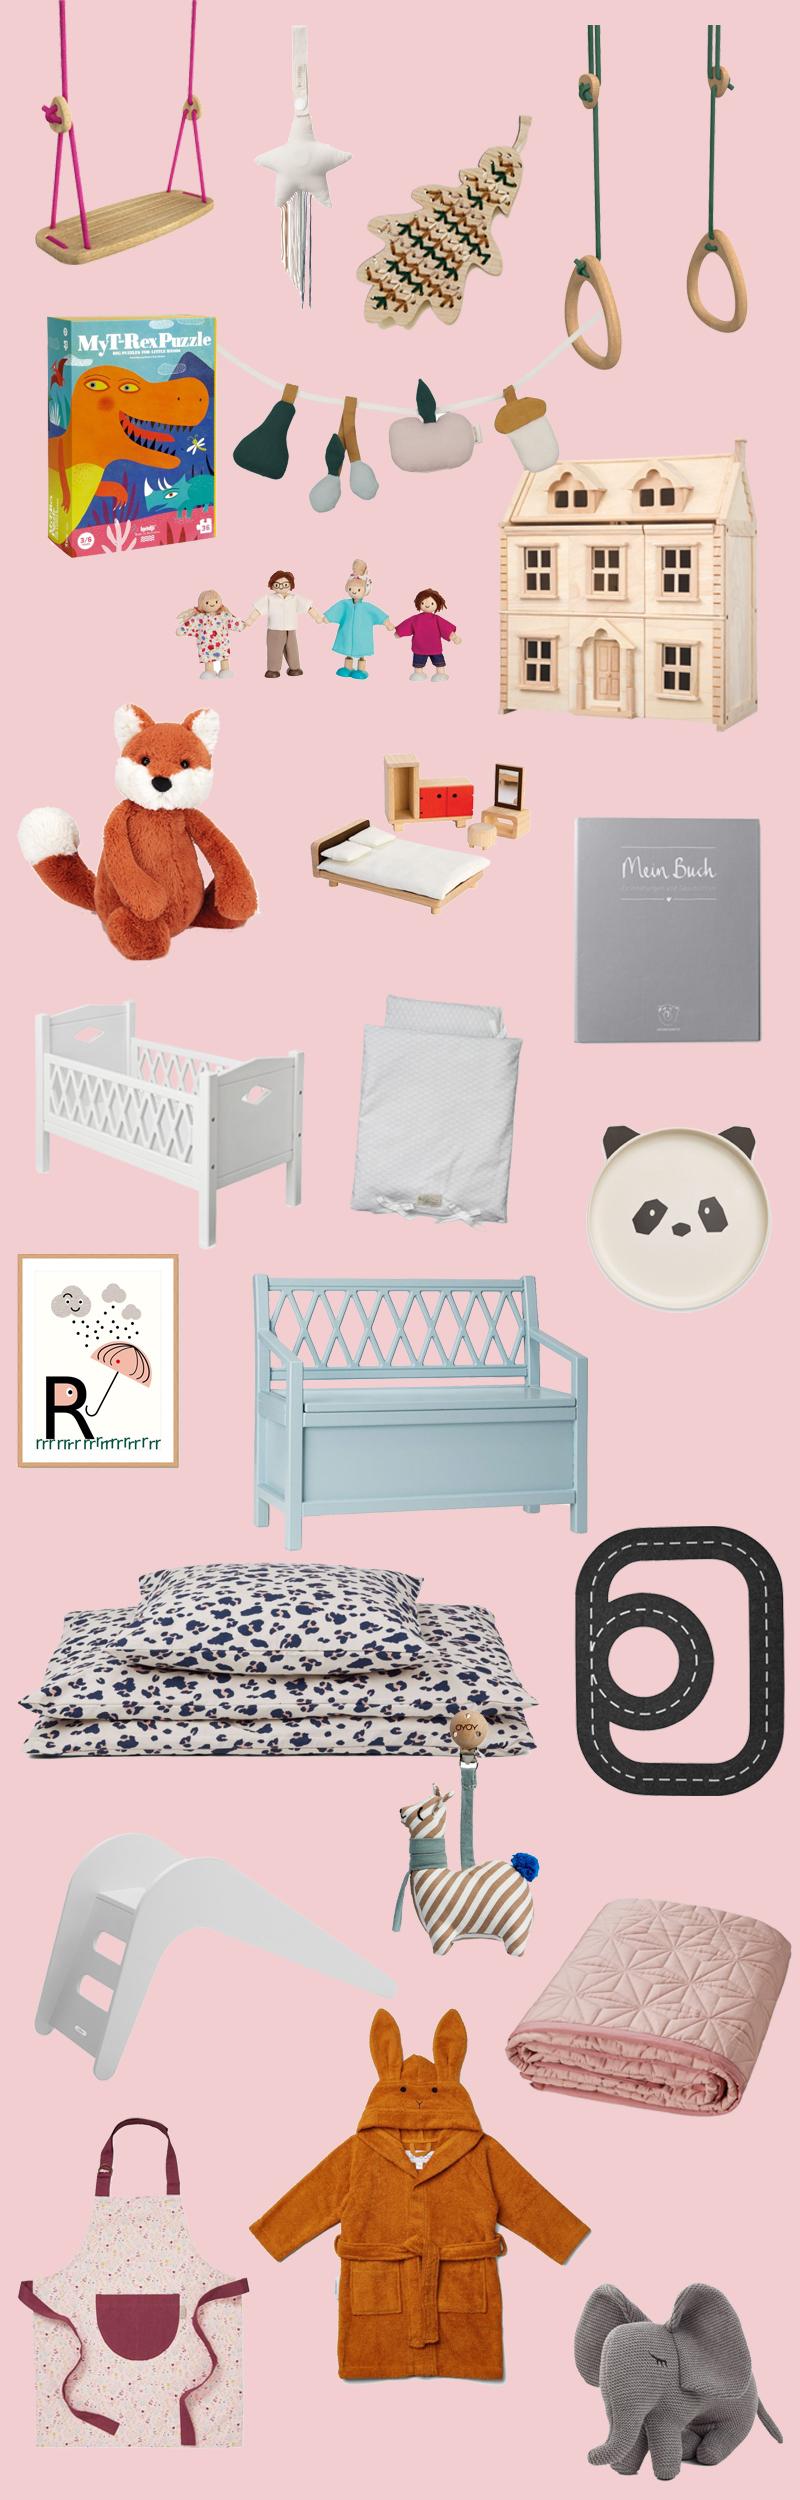 24 Geschenk Ideen Für Kinder Von Kleines Karussell Pinkepank